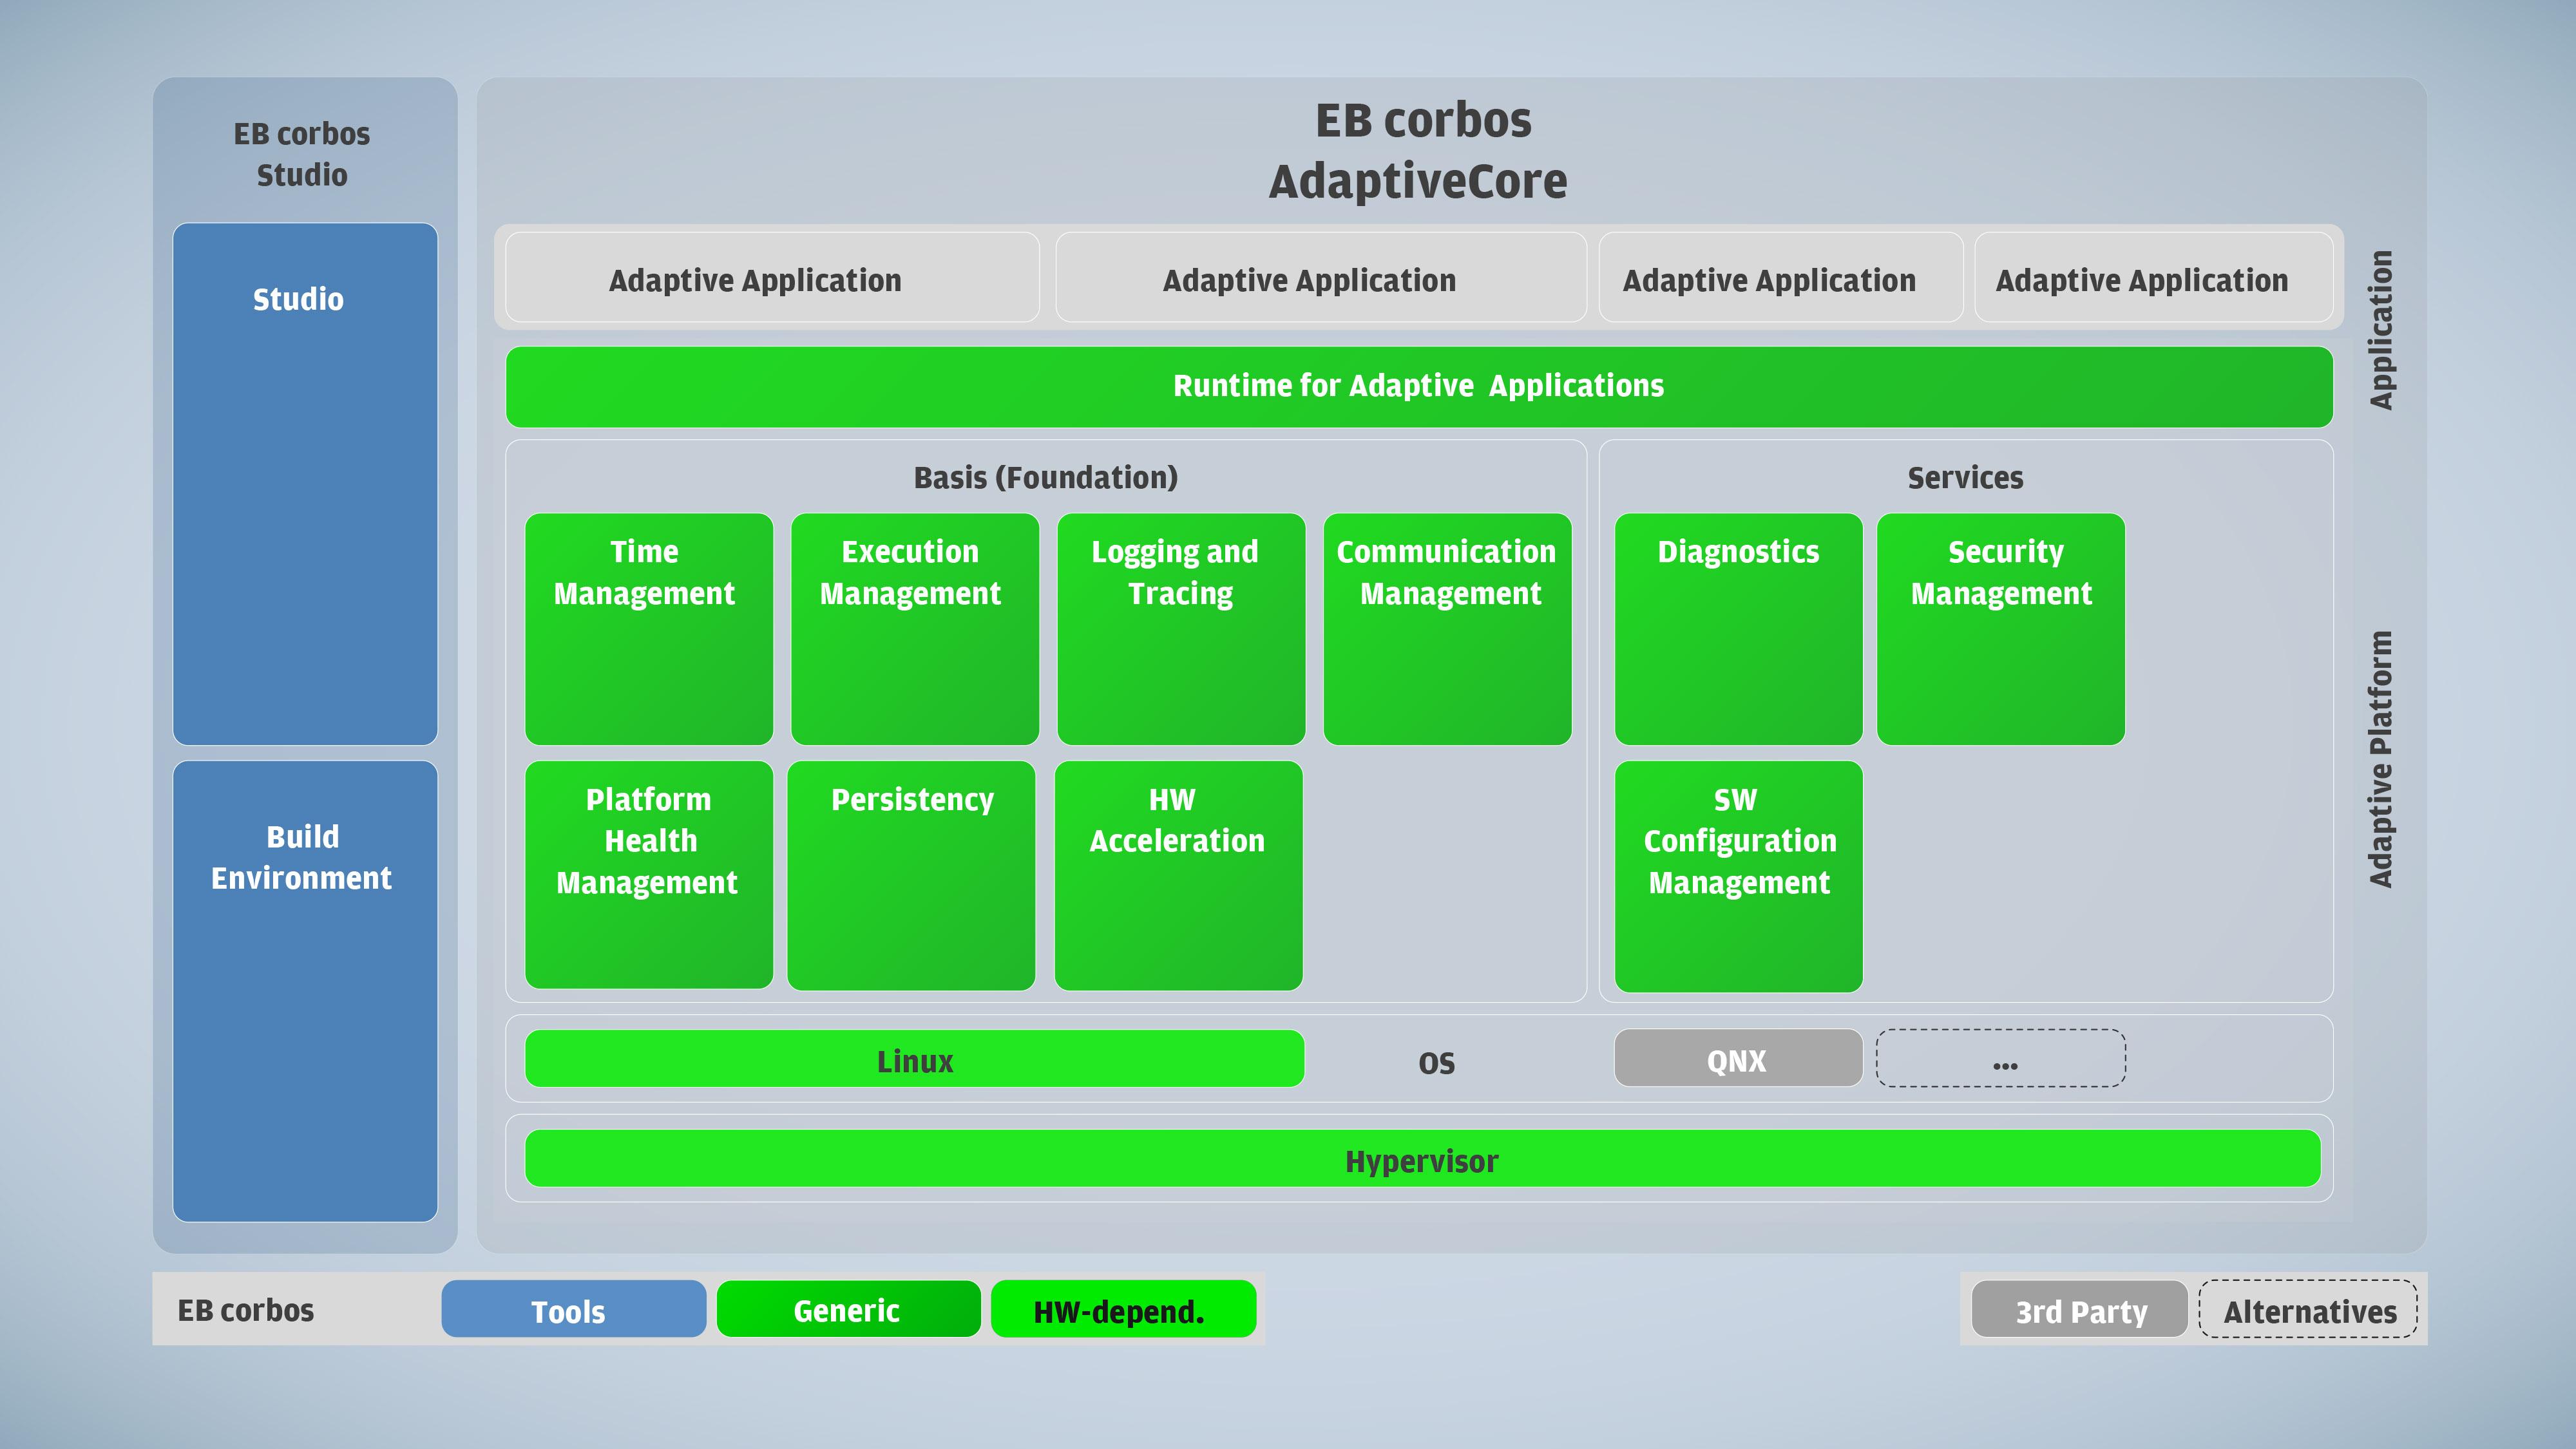 EB-corbos-AdaptiveCore